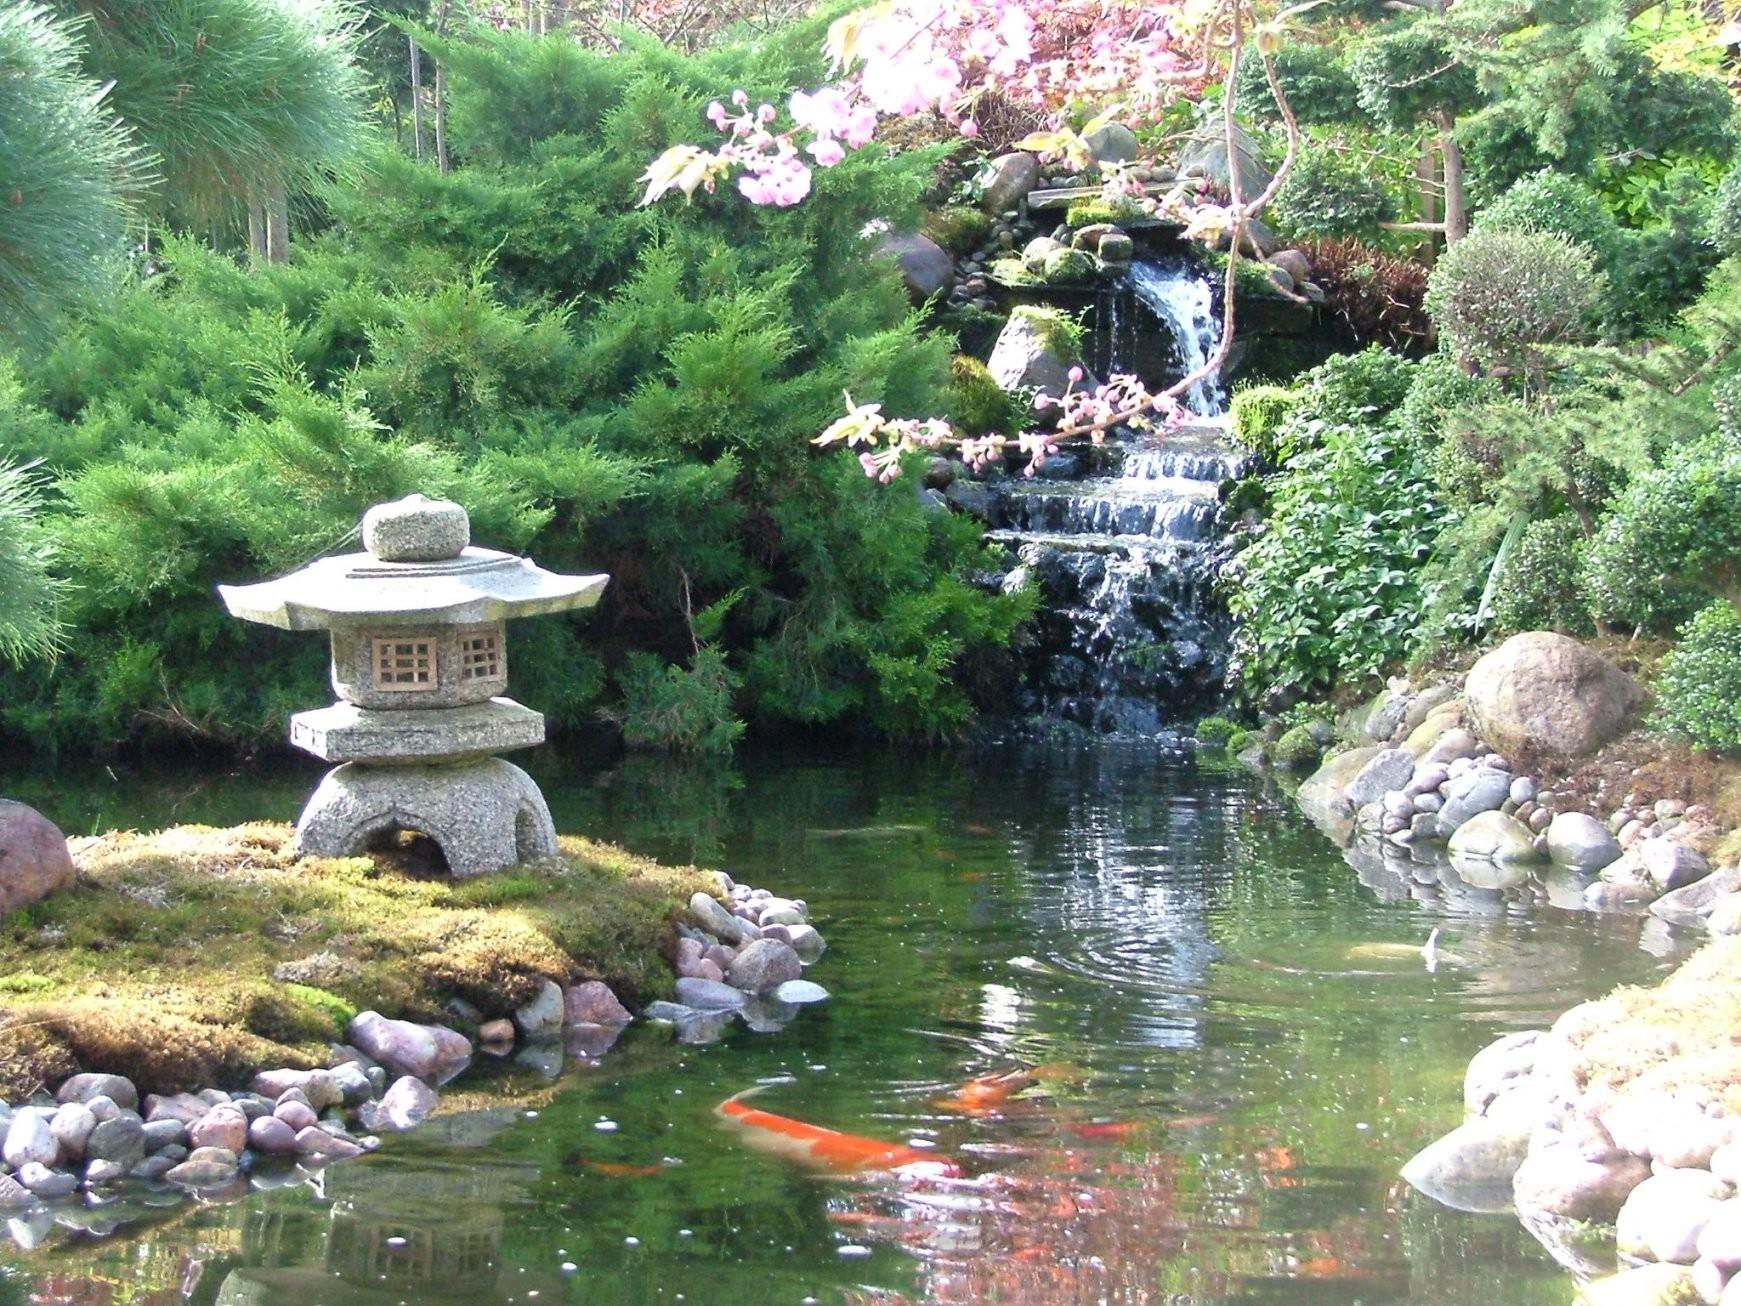 Anleitung Japanischen Garten Selbst Gestalten Wir Klären Auf von Pflanzen Japanischer Garten Anlegen Photo